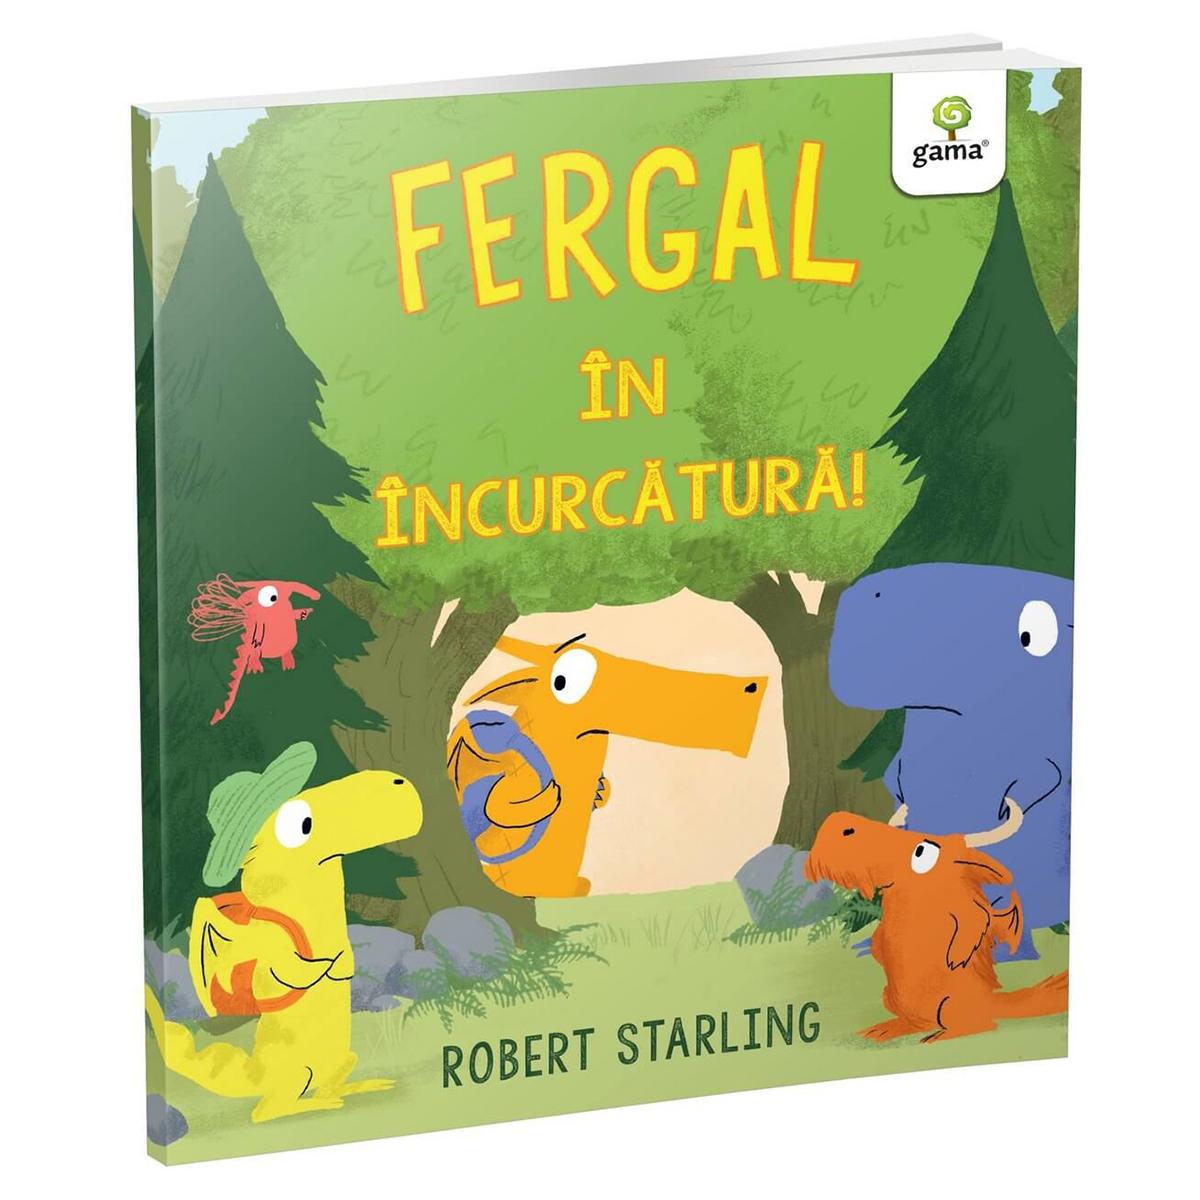 Carte Editura Gama, Fergal in incurcatura!